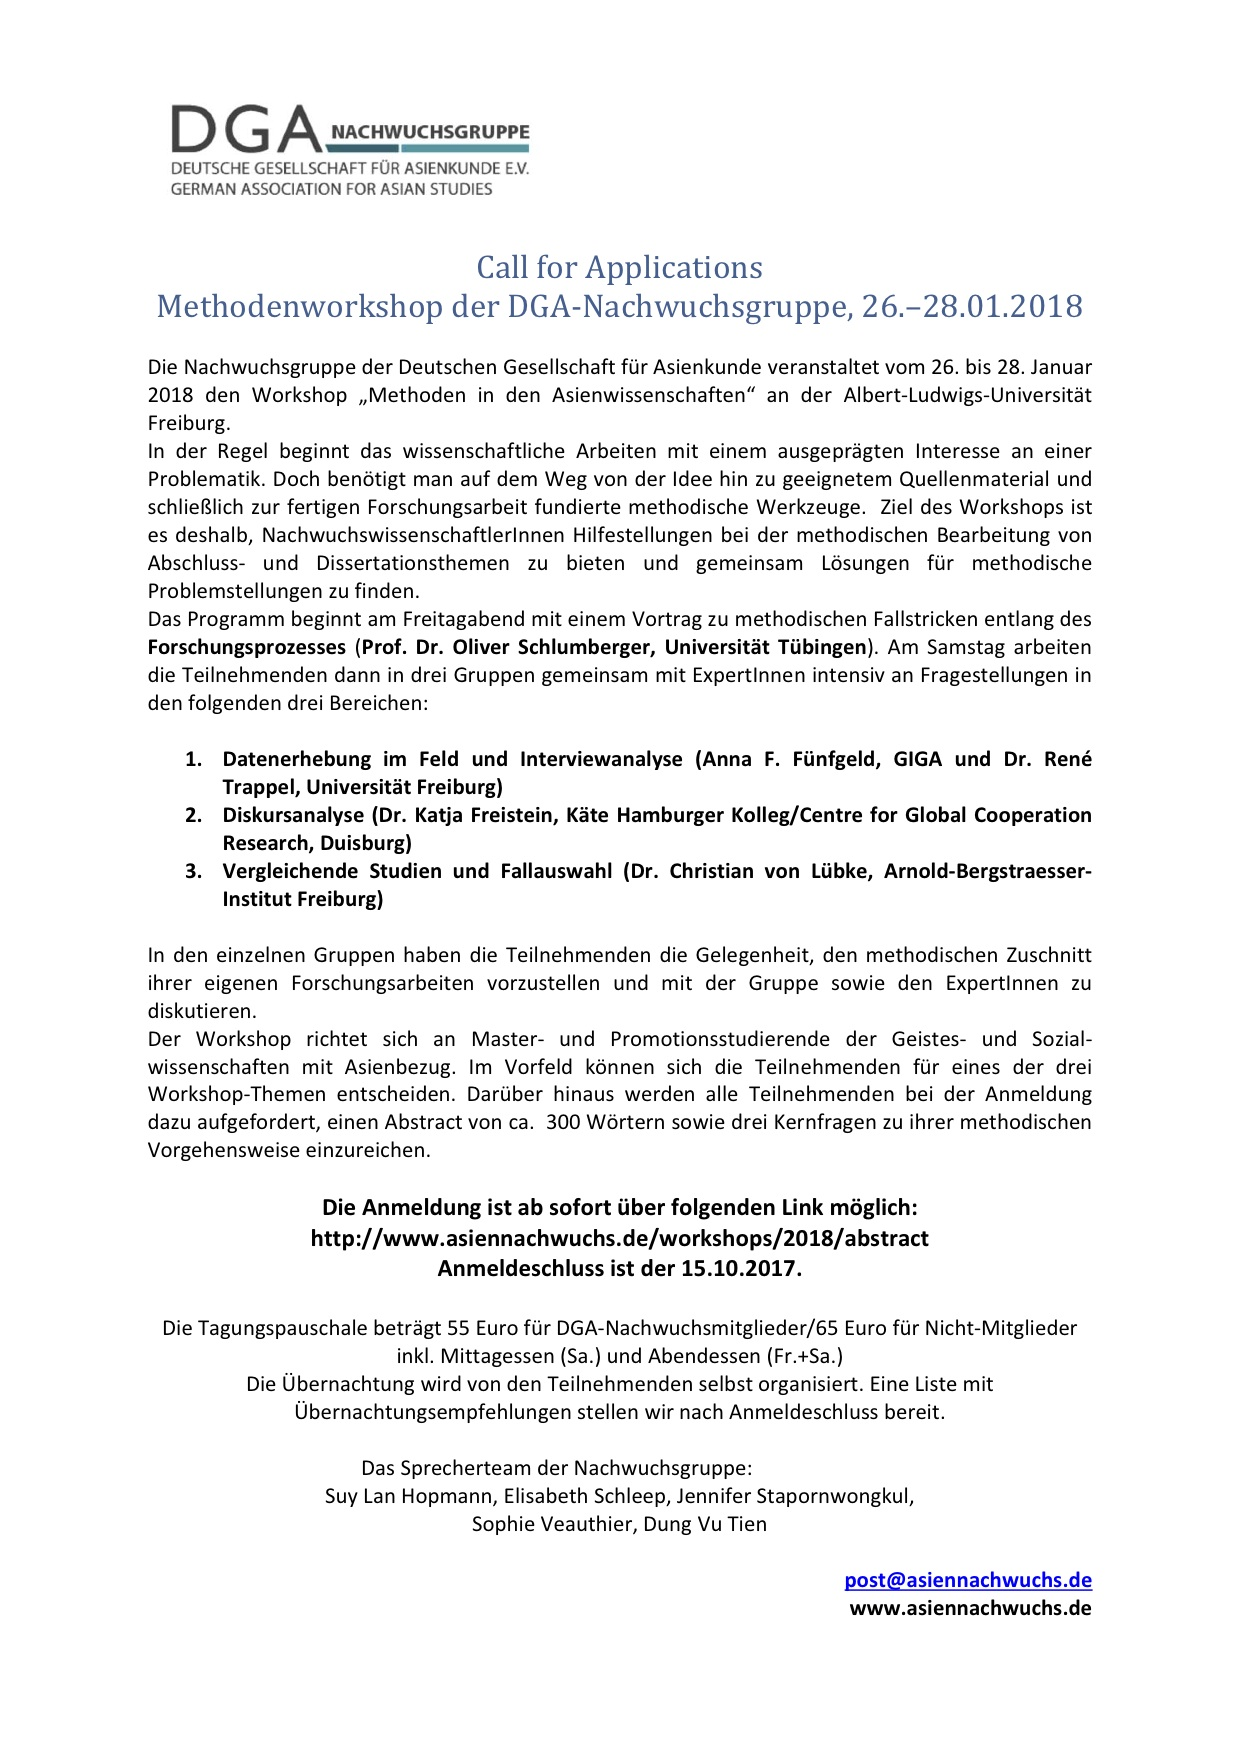 Methodenworkshop_2018_DGA_NWG